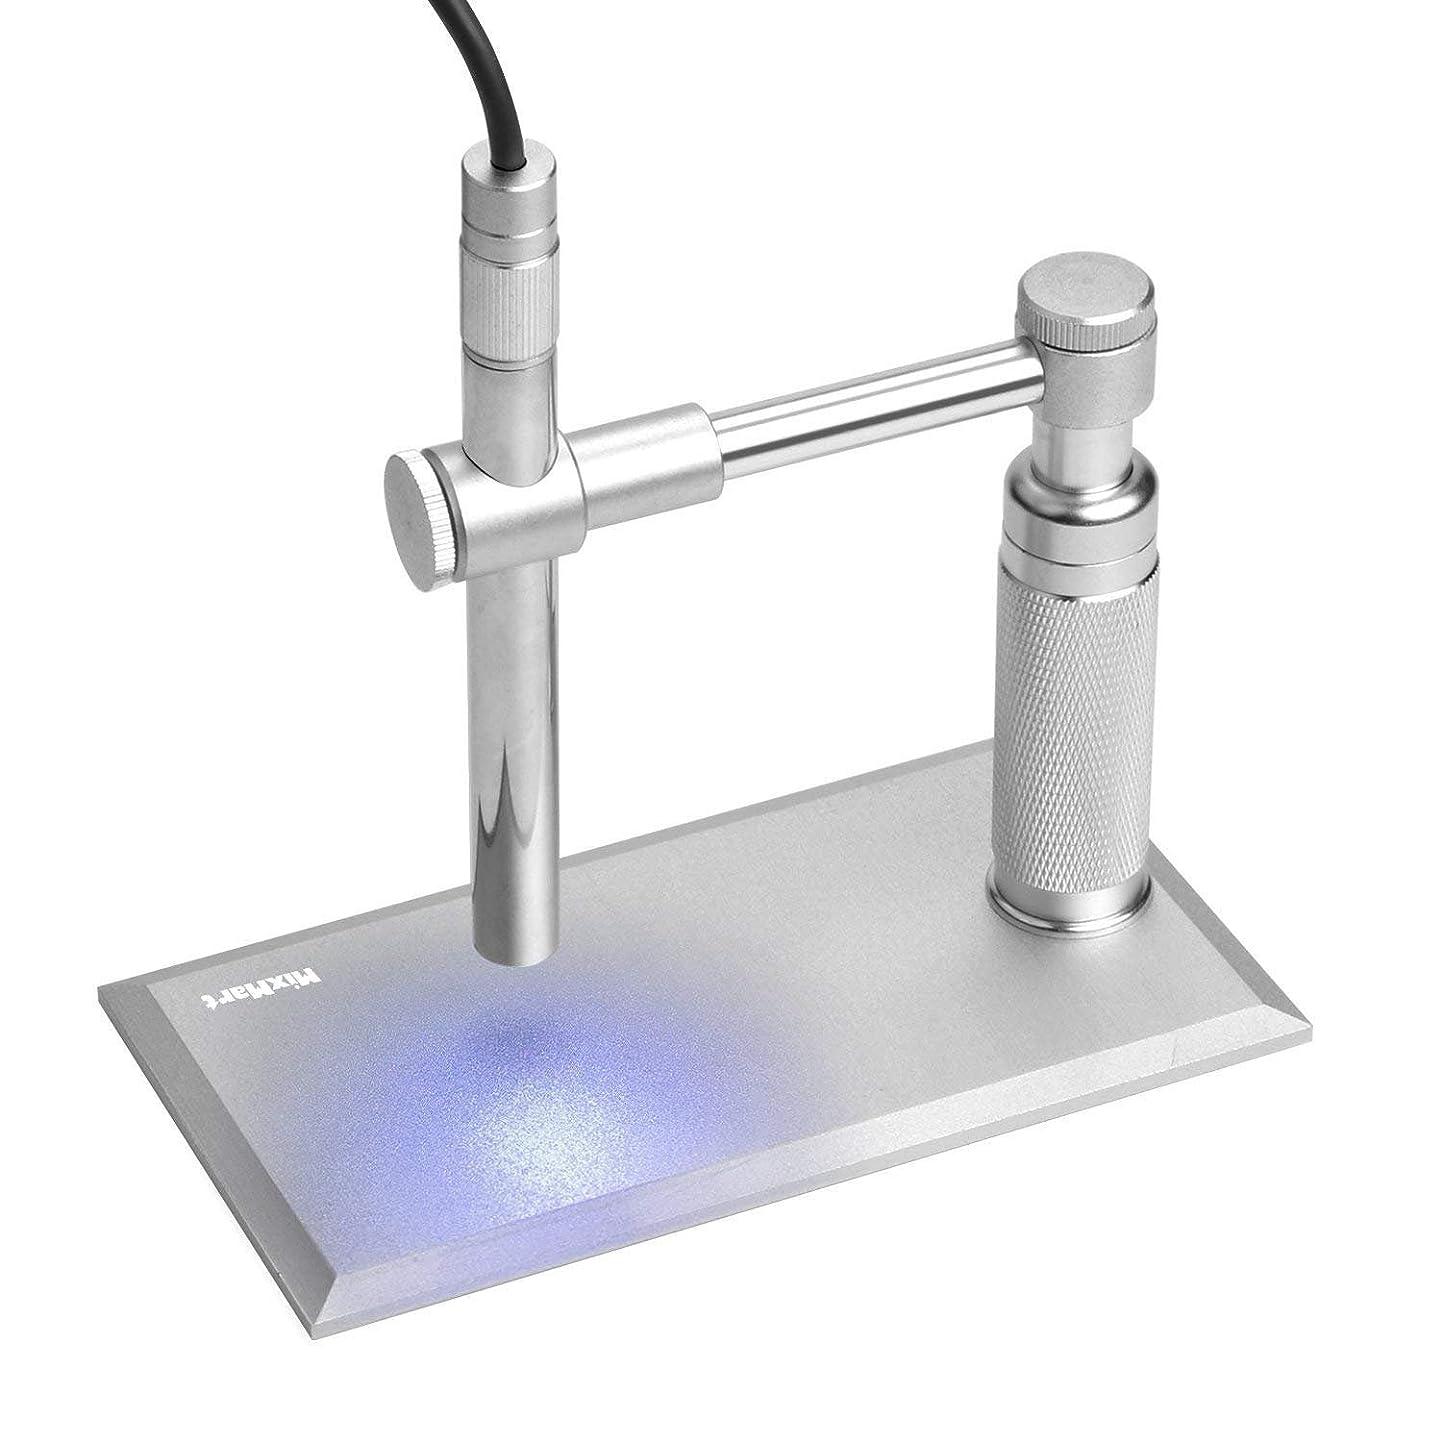 生きるメカニック眉MixMart 顕微鏡 8LEDライト搭載 250~500倍 USB接続 PC対応 A1-Microscope